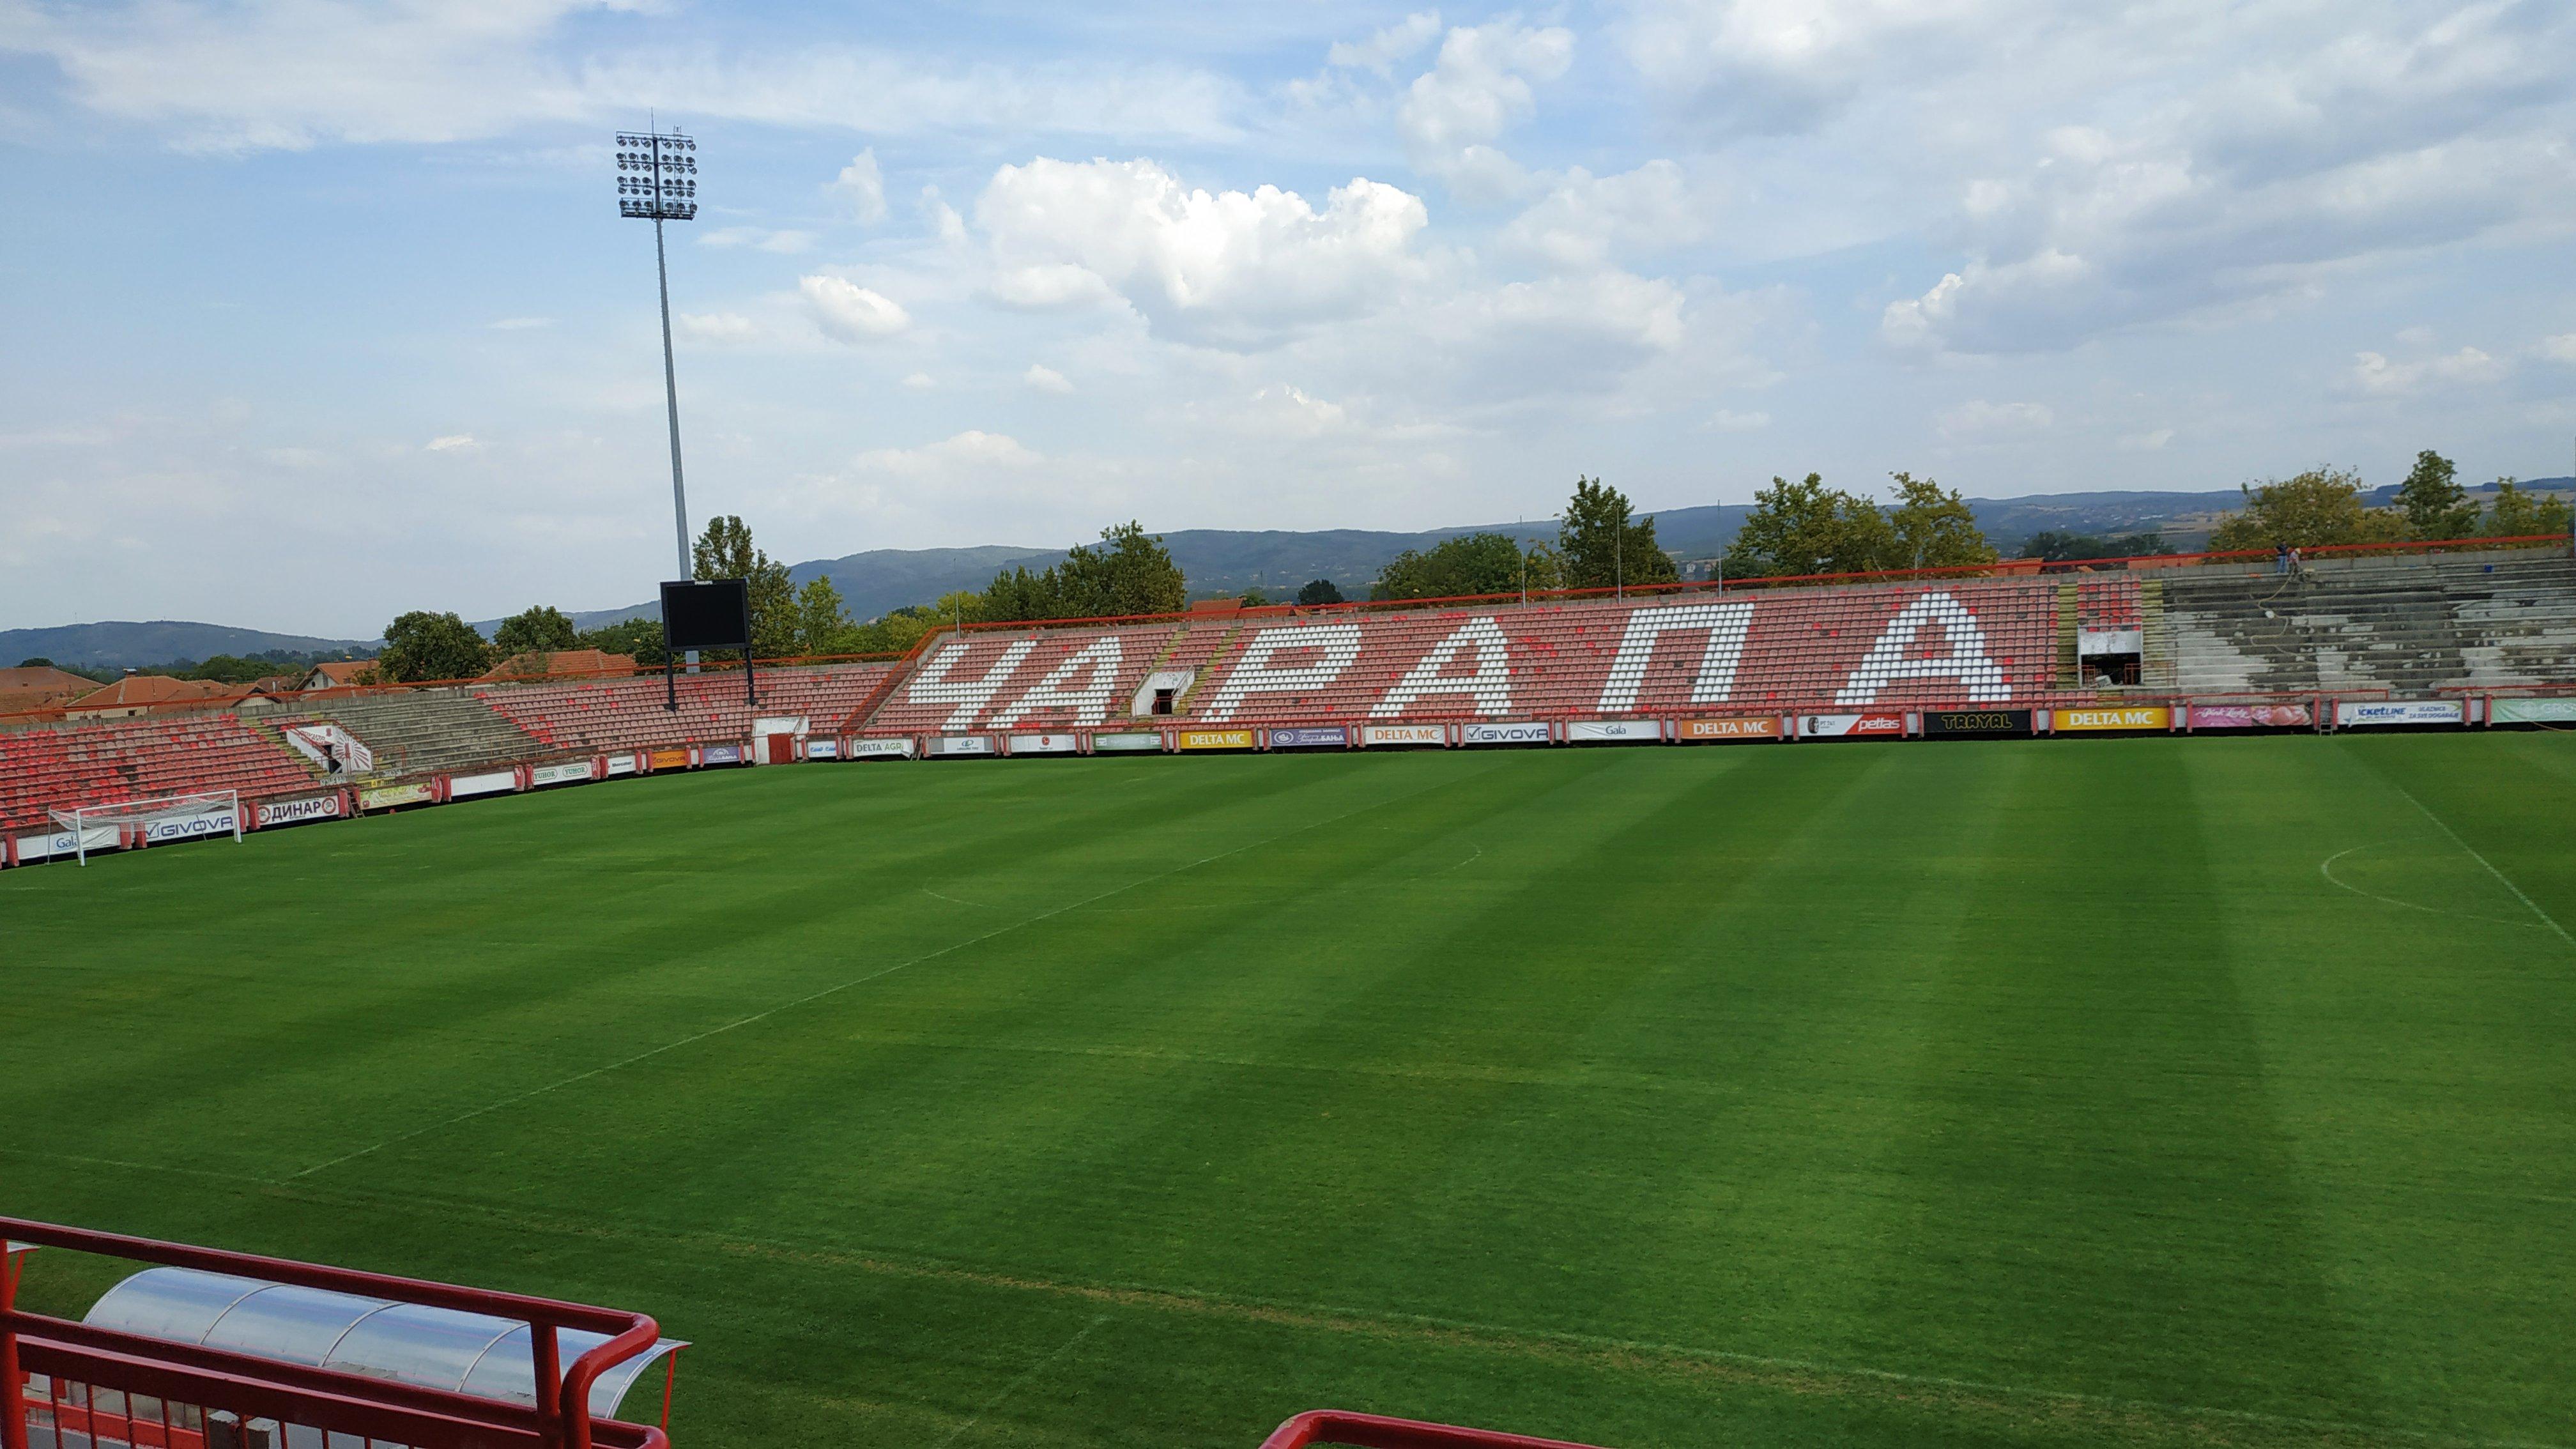 Zbog utakmice Napredak-Crvena Zvezda, sve ulice u zoni stadiona Mladost zatvorene za saobraćaj do 19 časova